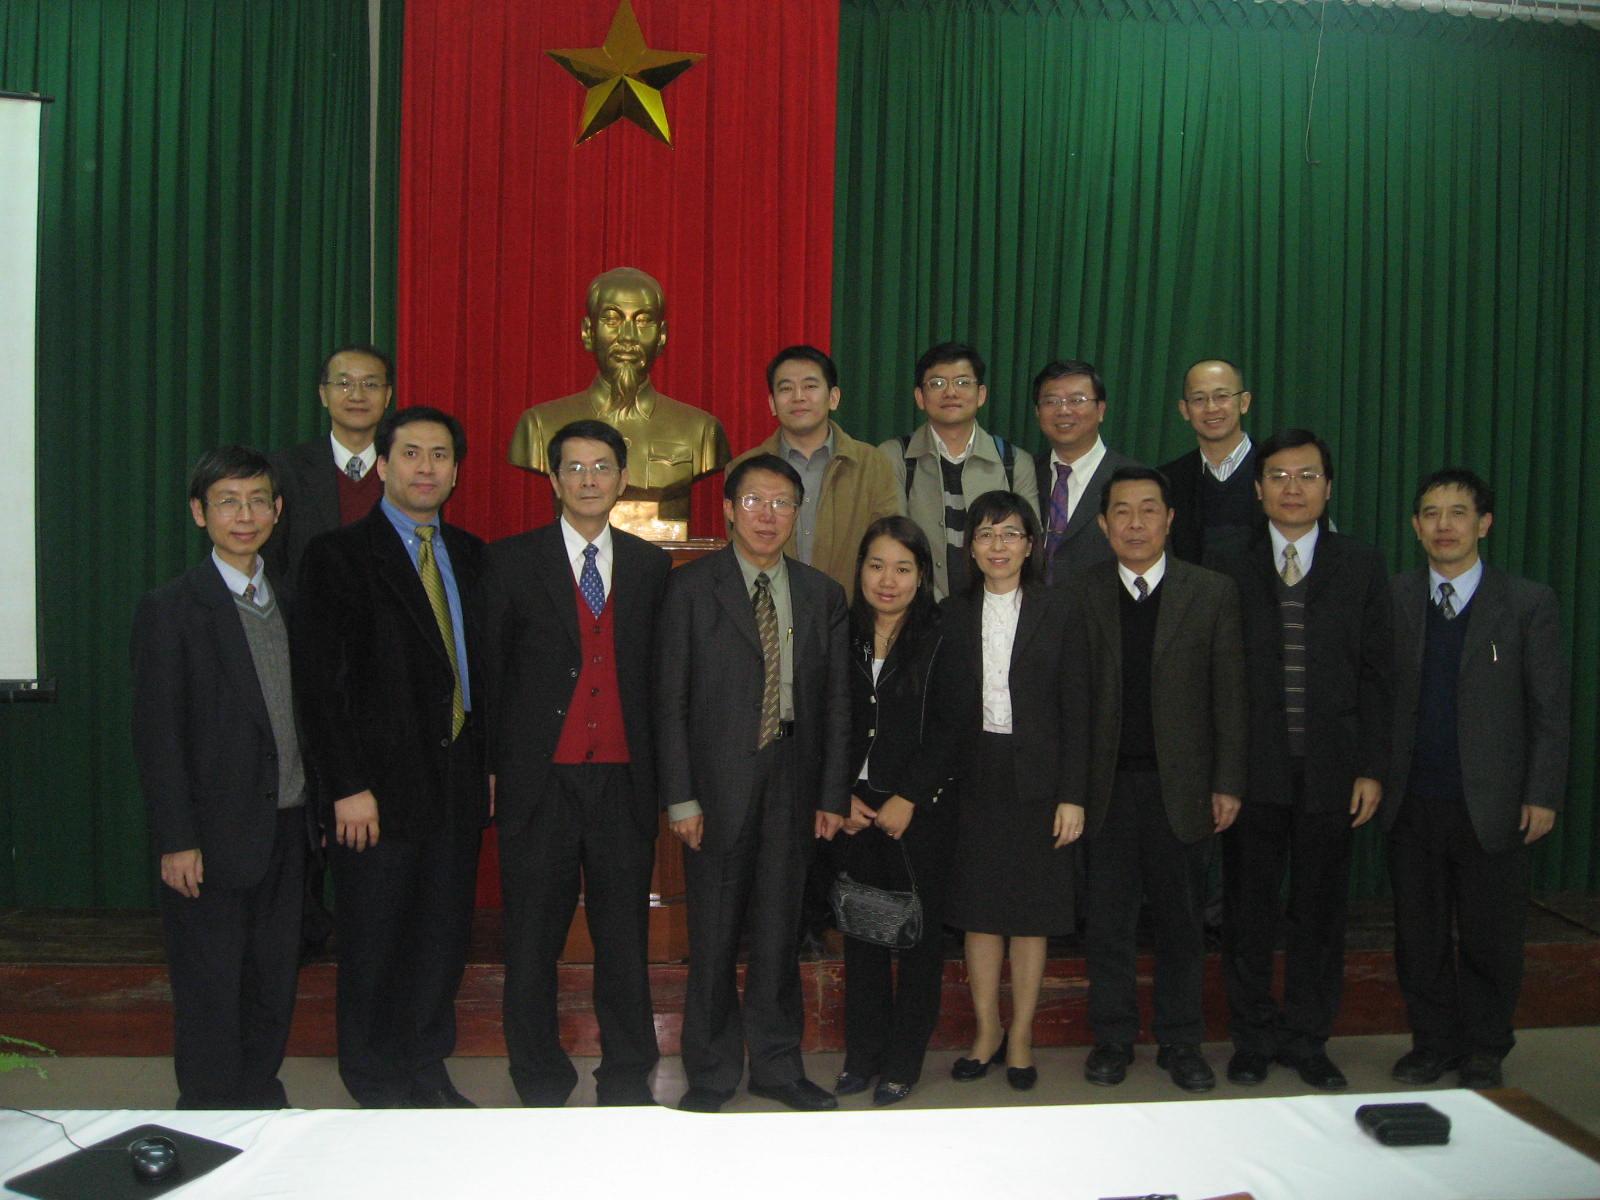 中原大學赴越南招生整合異質優勢 成功出擊